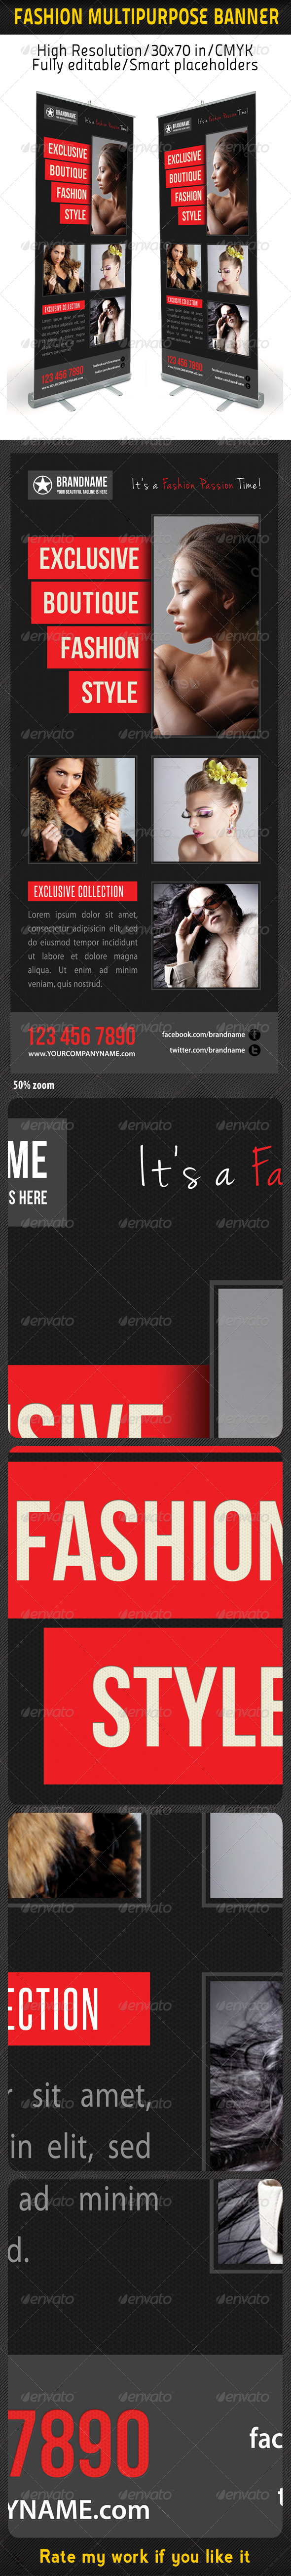 GraphicRiver Fashion Multipurpose Banner Template 17 6227993